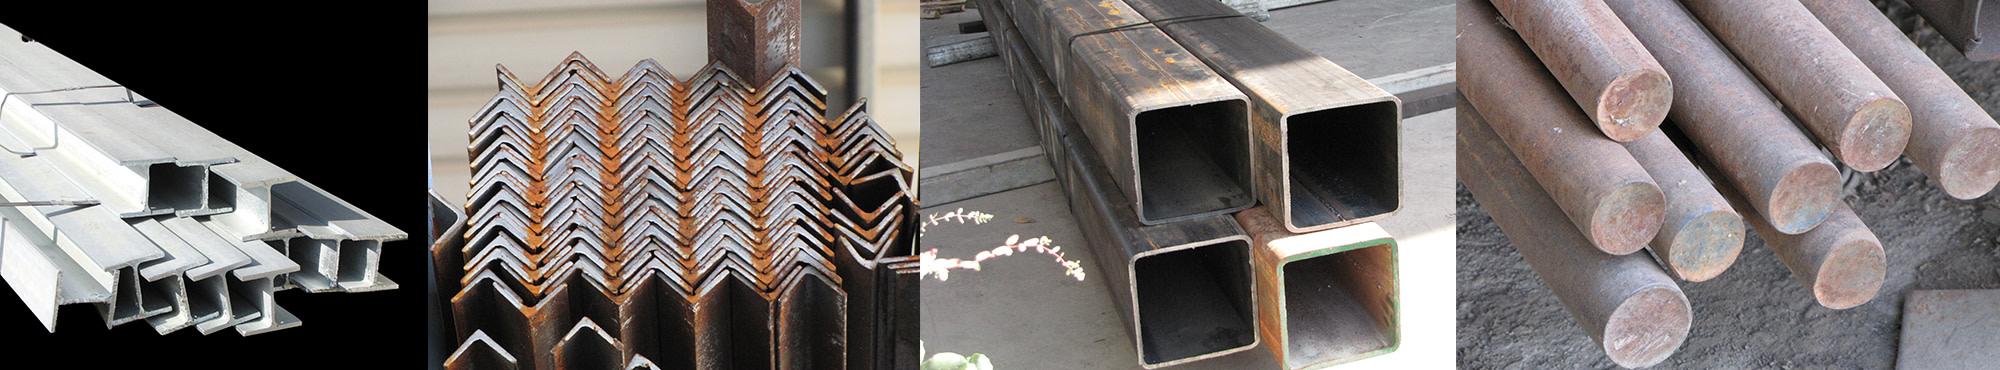 מפוארת מחסני ברזל   ברזל מקצועי   פנחס היישריק מחסני ברזל VJ-51